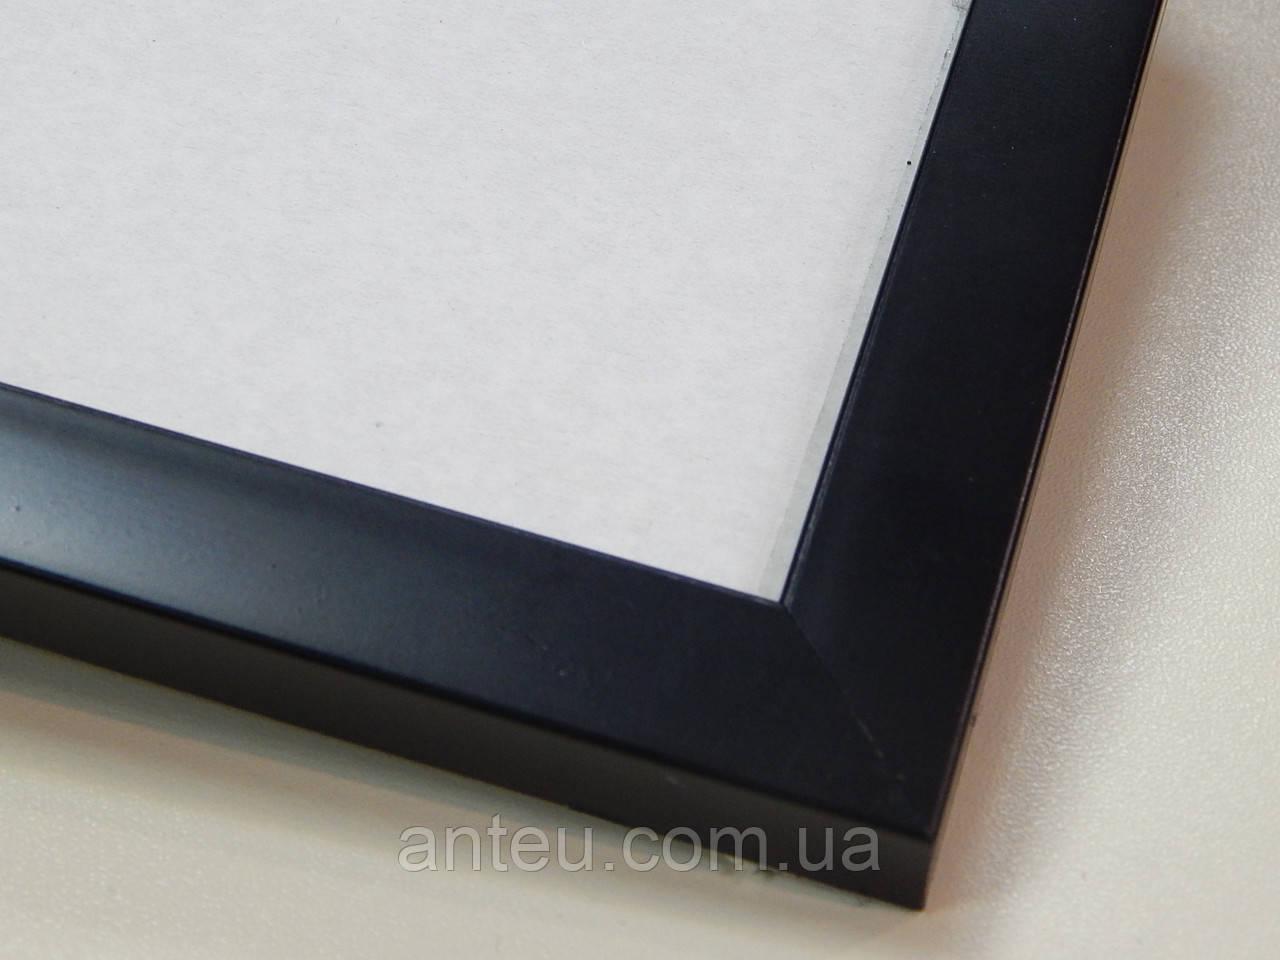 ФОТОРАМКА 40х60.Черный матовый.Рамки для фото,вышивок,картин.